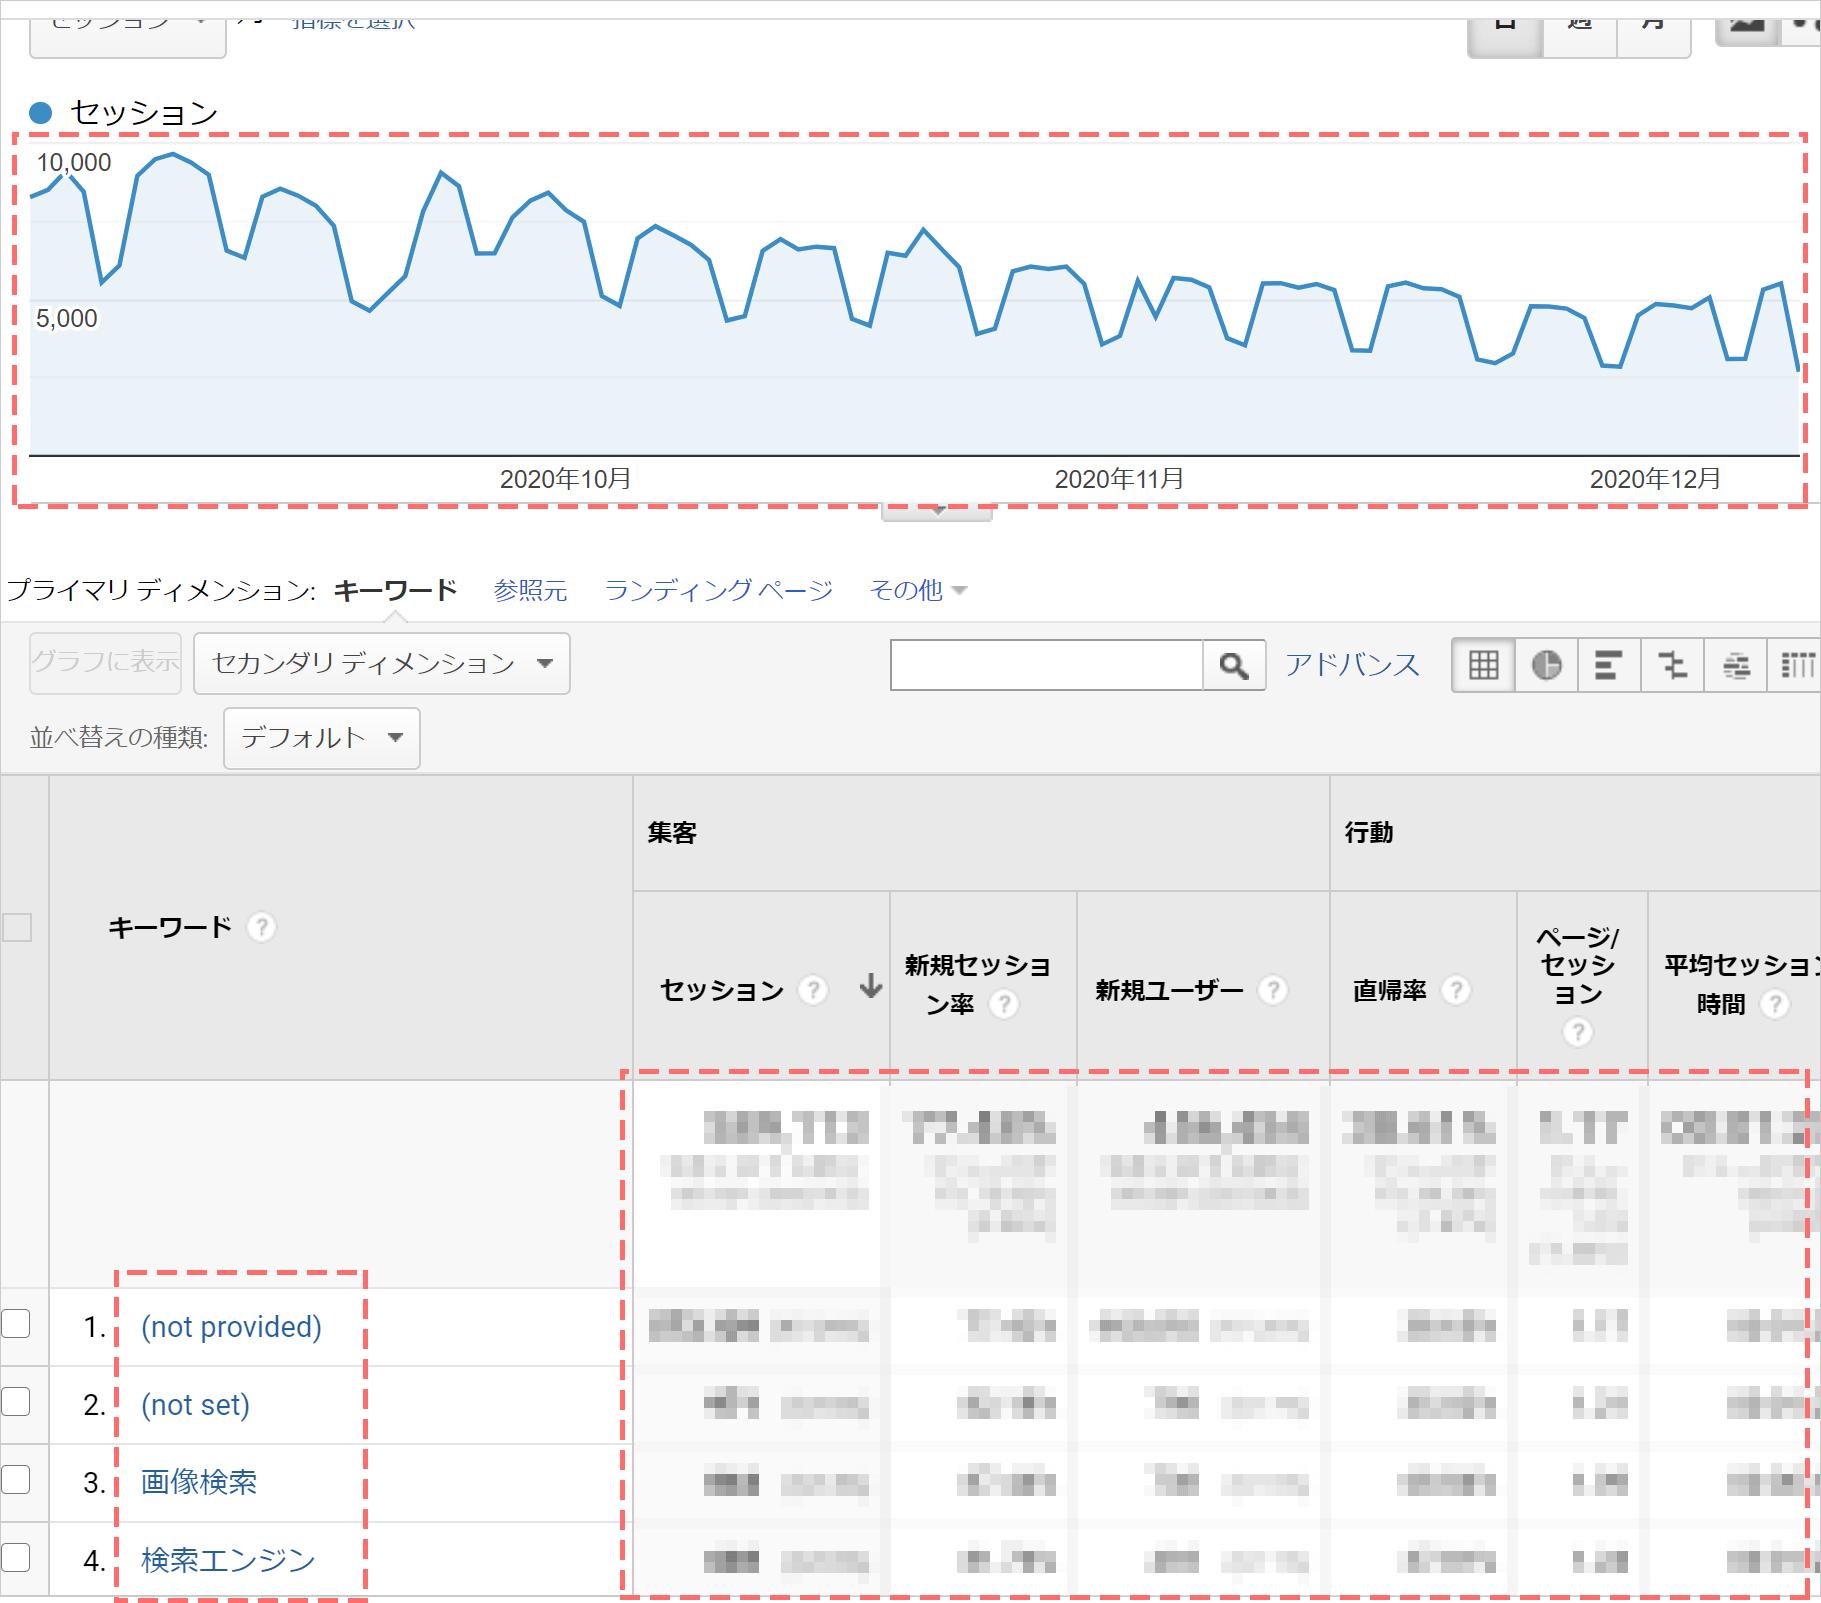 Googleアナリティクスの集客チャネルの1つである「オーガニック検索」で流入状況を確認する②